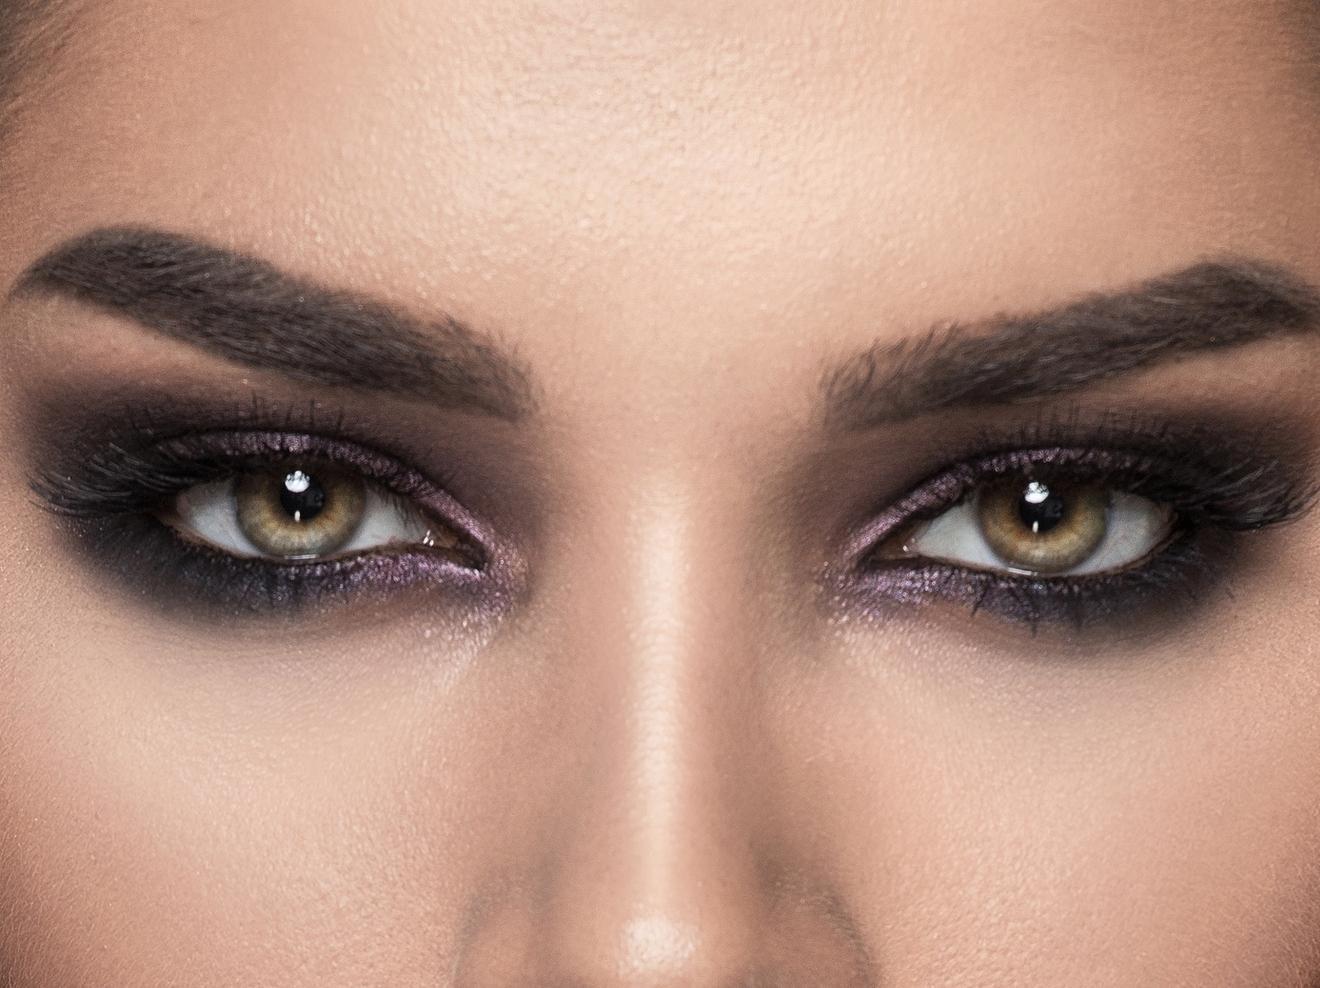 Smokey Eyes Schminken: Mit Diesen 6 Tipps Wird Es Perfekt in Smokey Eyes Pictures